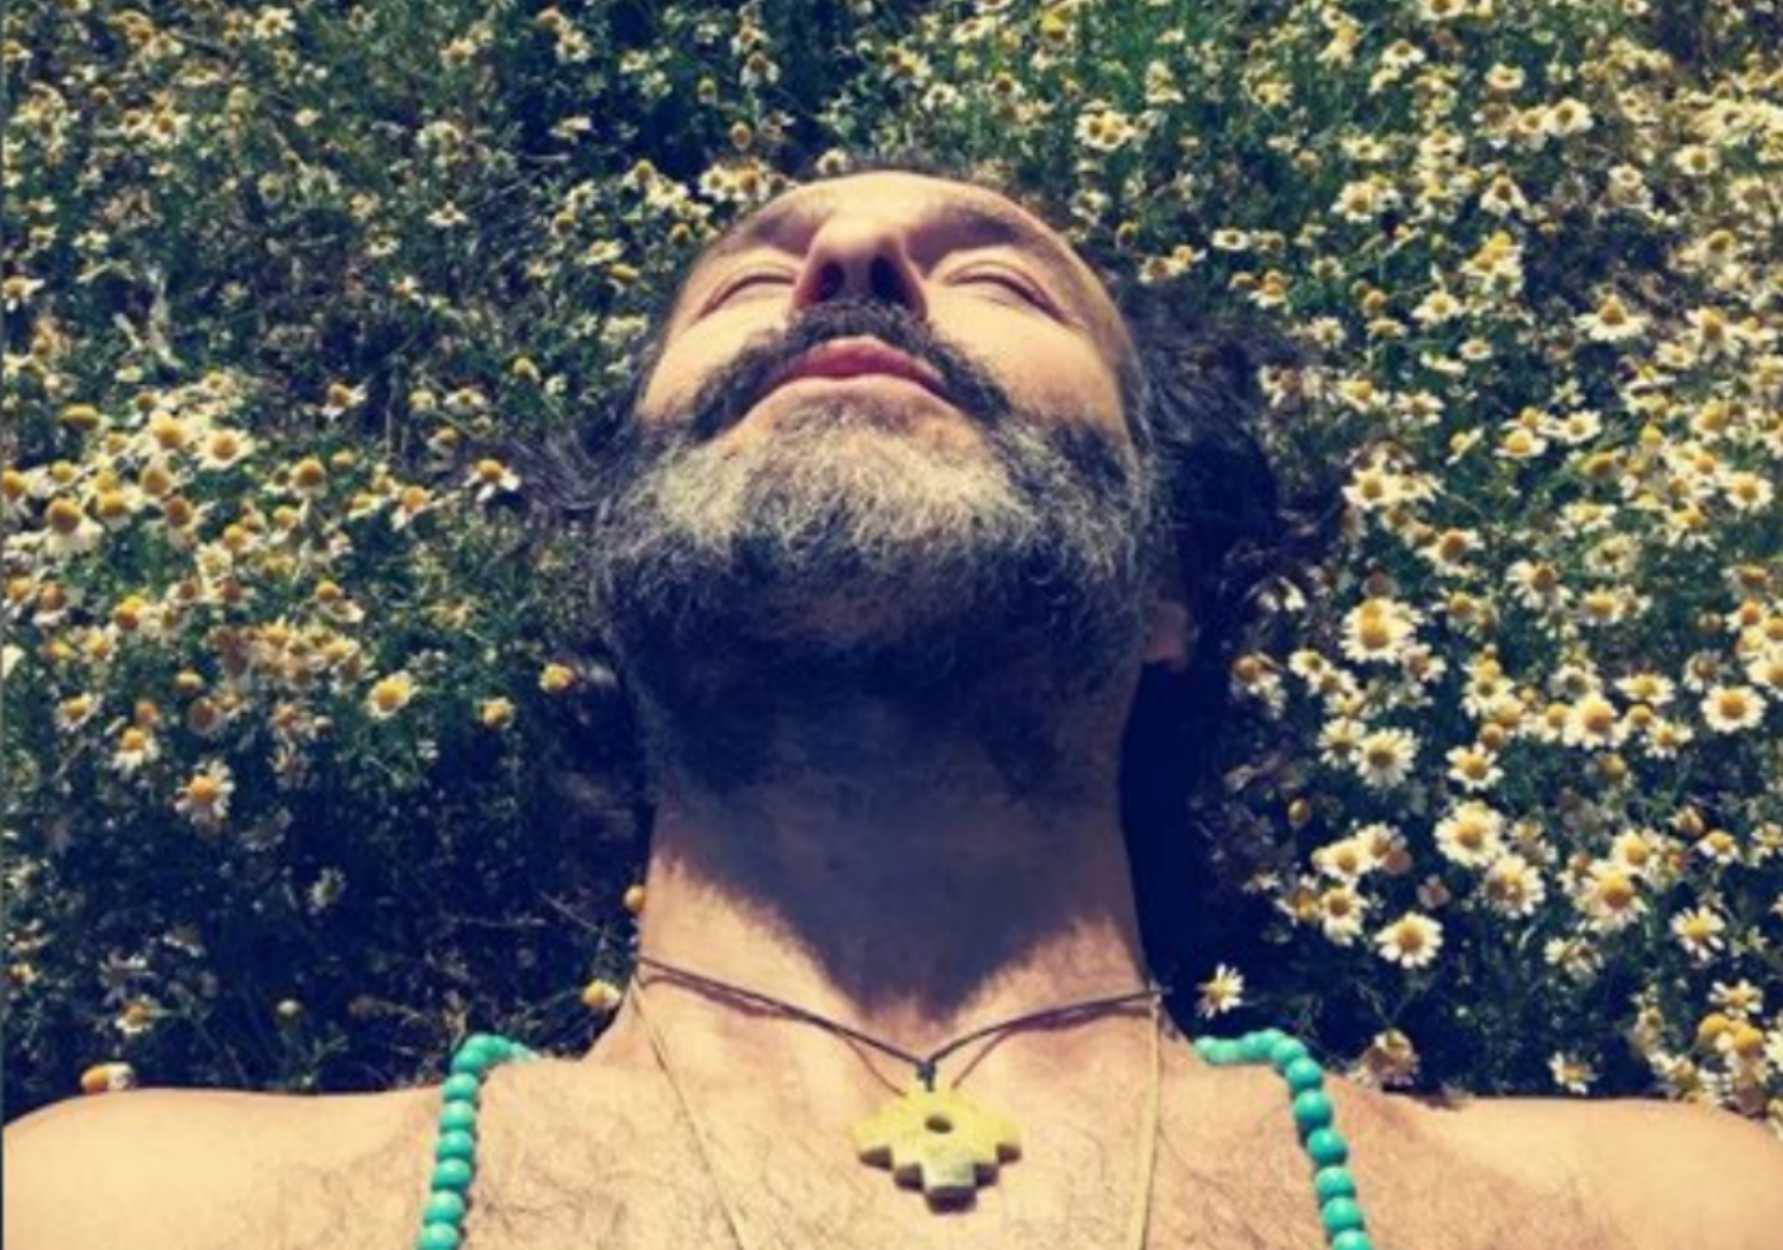 Θανάσης Ευθυμιάδης: Κάνει μπάνιο στο ποτάμι γυμνός με τους φίλους του